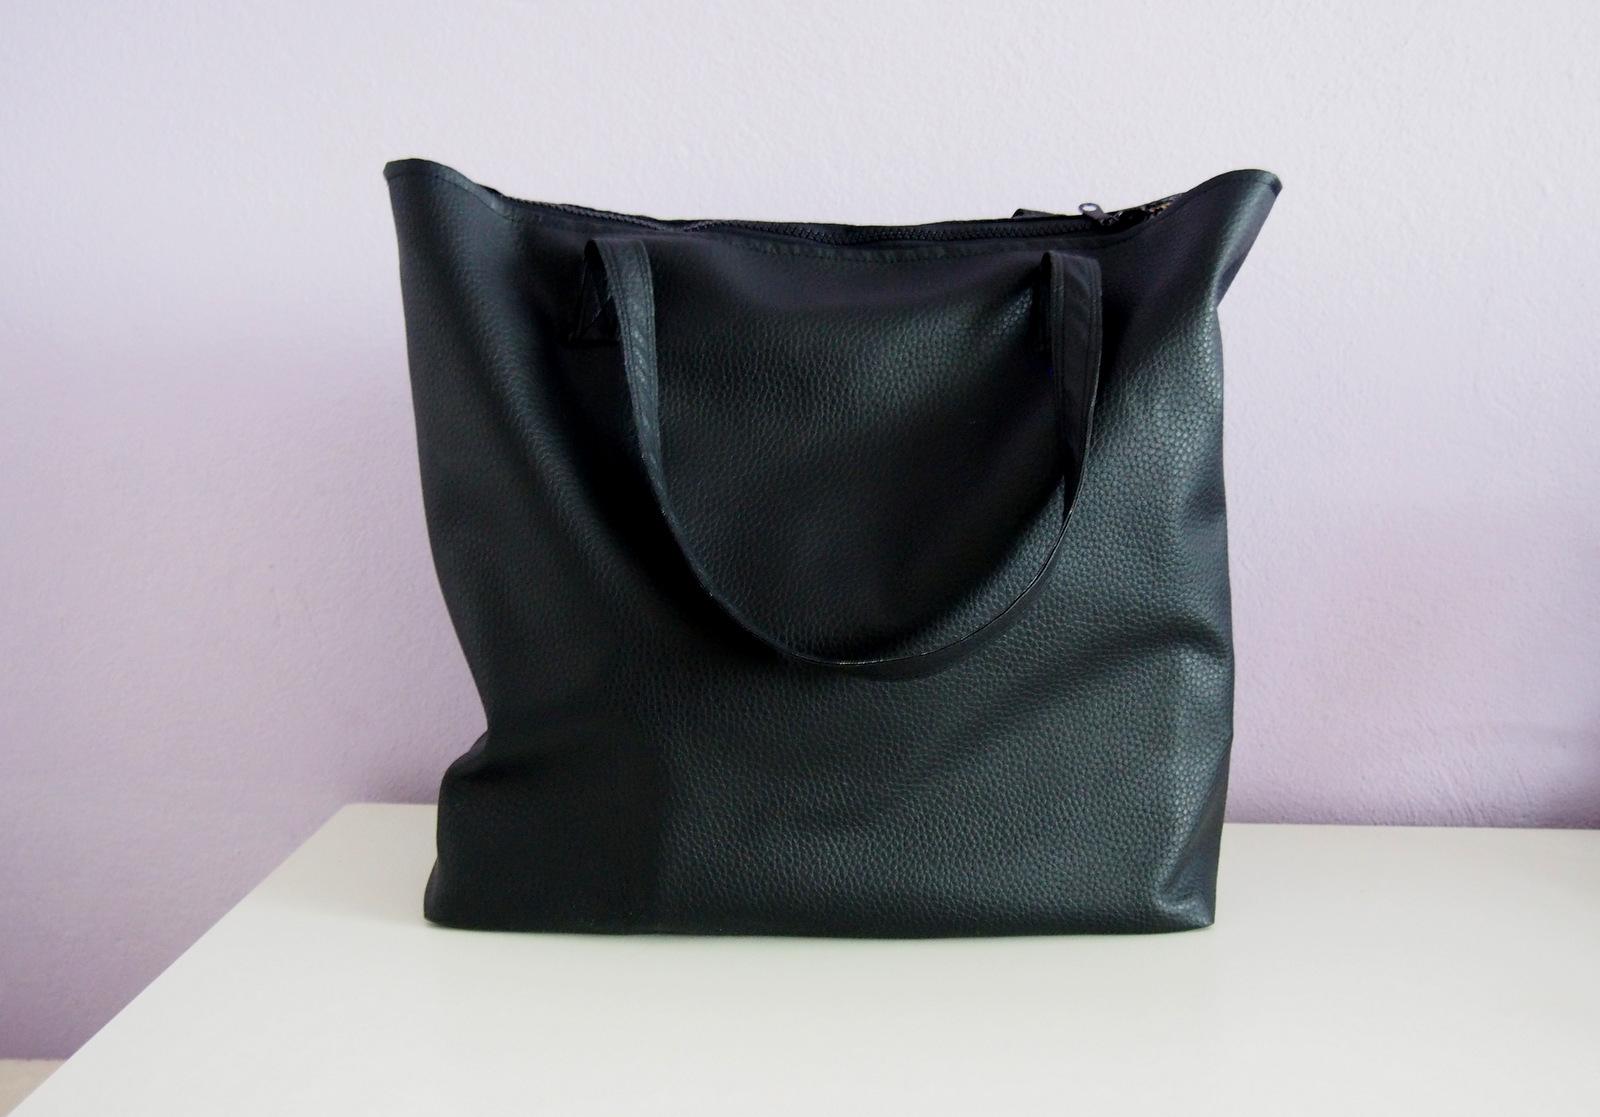 f7e061b7f Veľkú čiernu kabelku ste videli v nedávnom článku. Mám ju veľmi rada, nosím  ju skoro stále a zmestí sa do nej naozaj veľa. Len sa snažím krotiť aby mi  ...